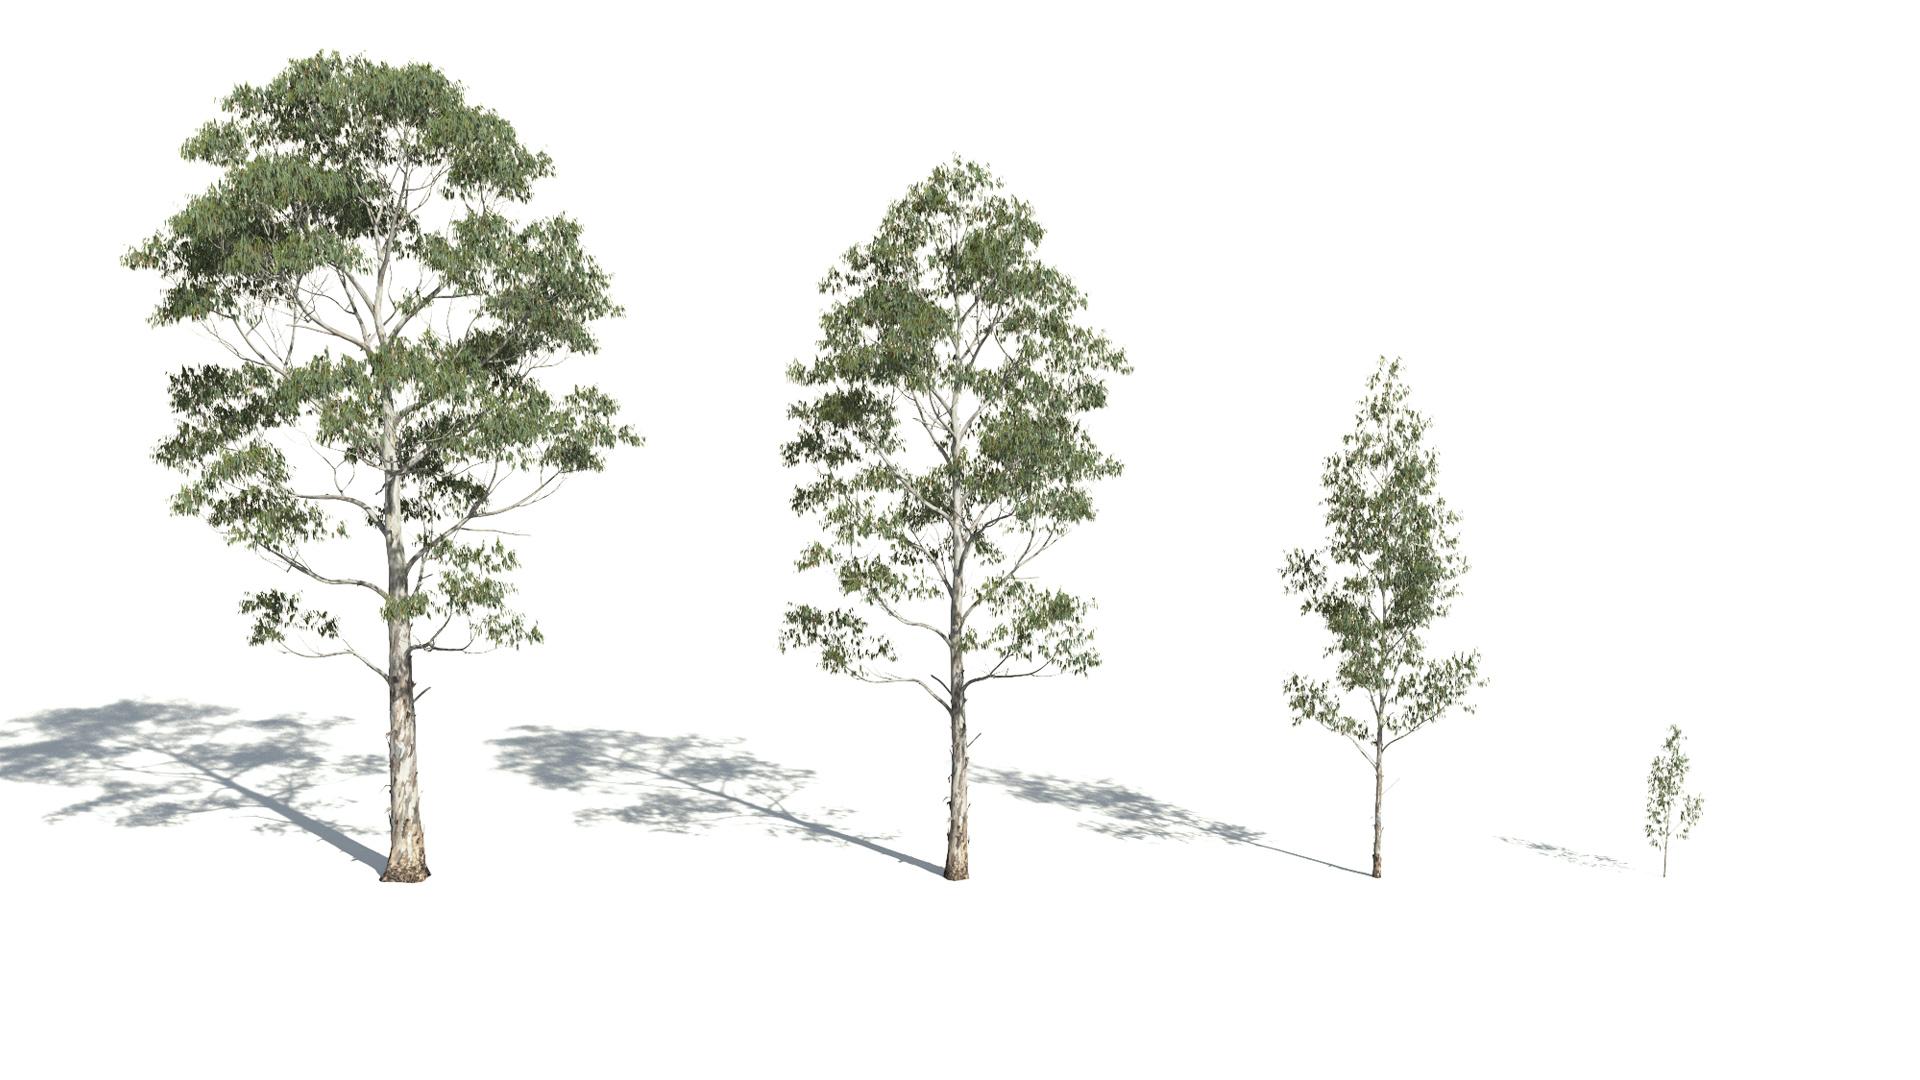 3D model of the Manna gum Eucalyptus viminalis maturity variations